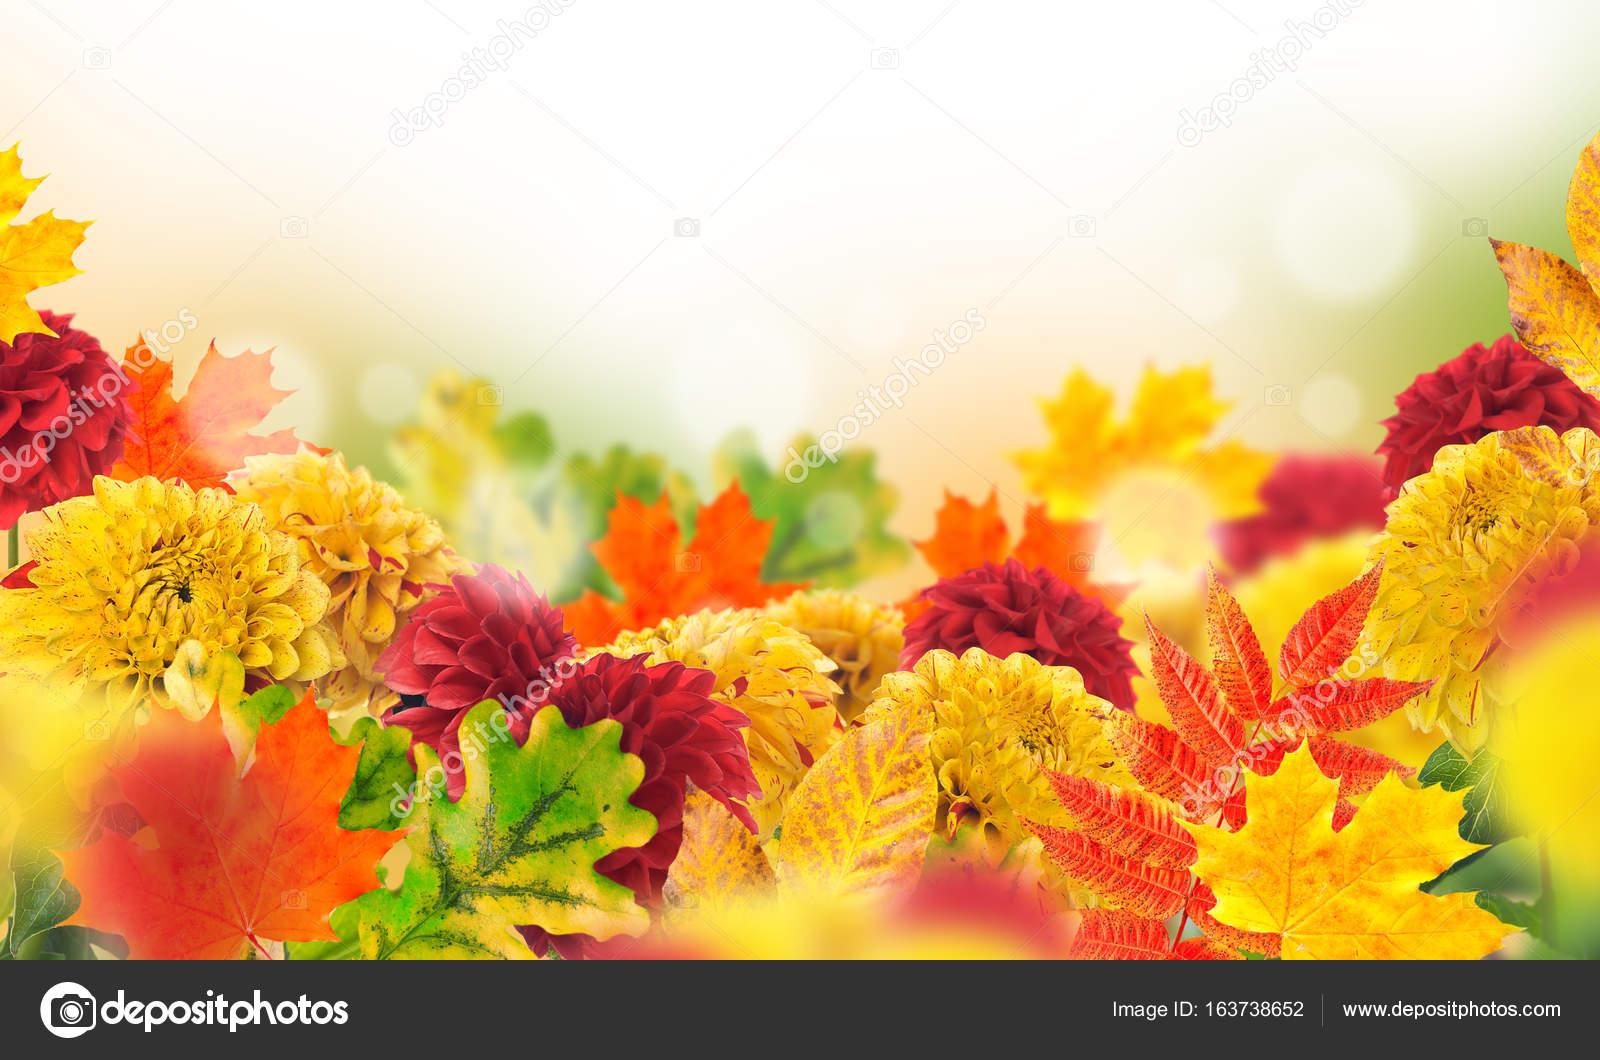 Wunderbar Herbstblumen Beste Wahl Und Blättern Auf Hellen Gelben Hintergrund Mit